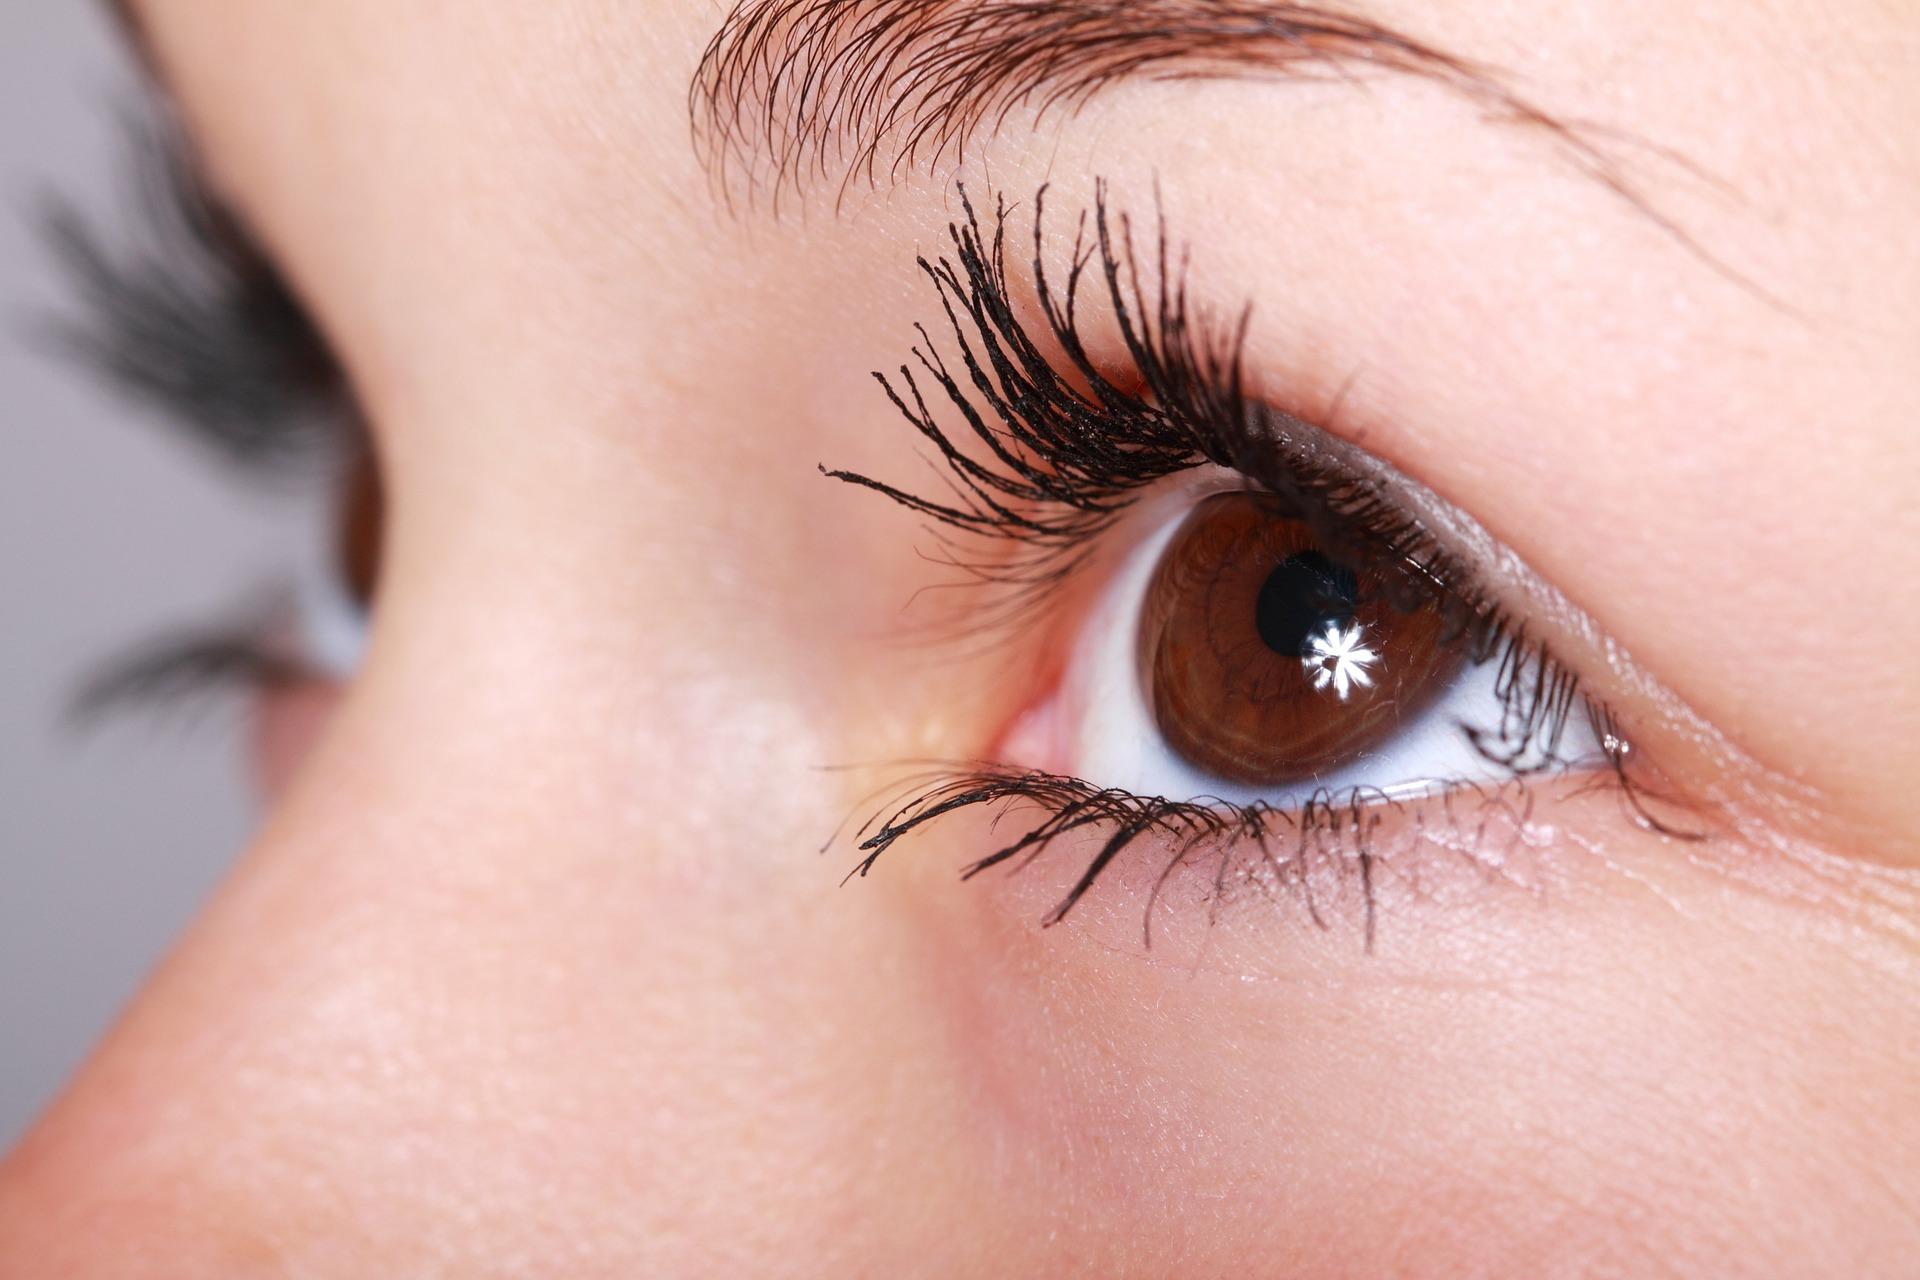 Enn EMDR el reprocesamiento se realiza habitualmente a través de movimientos oculares